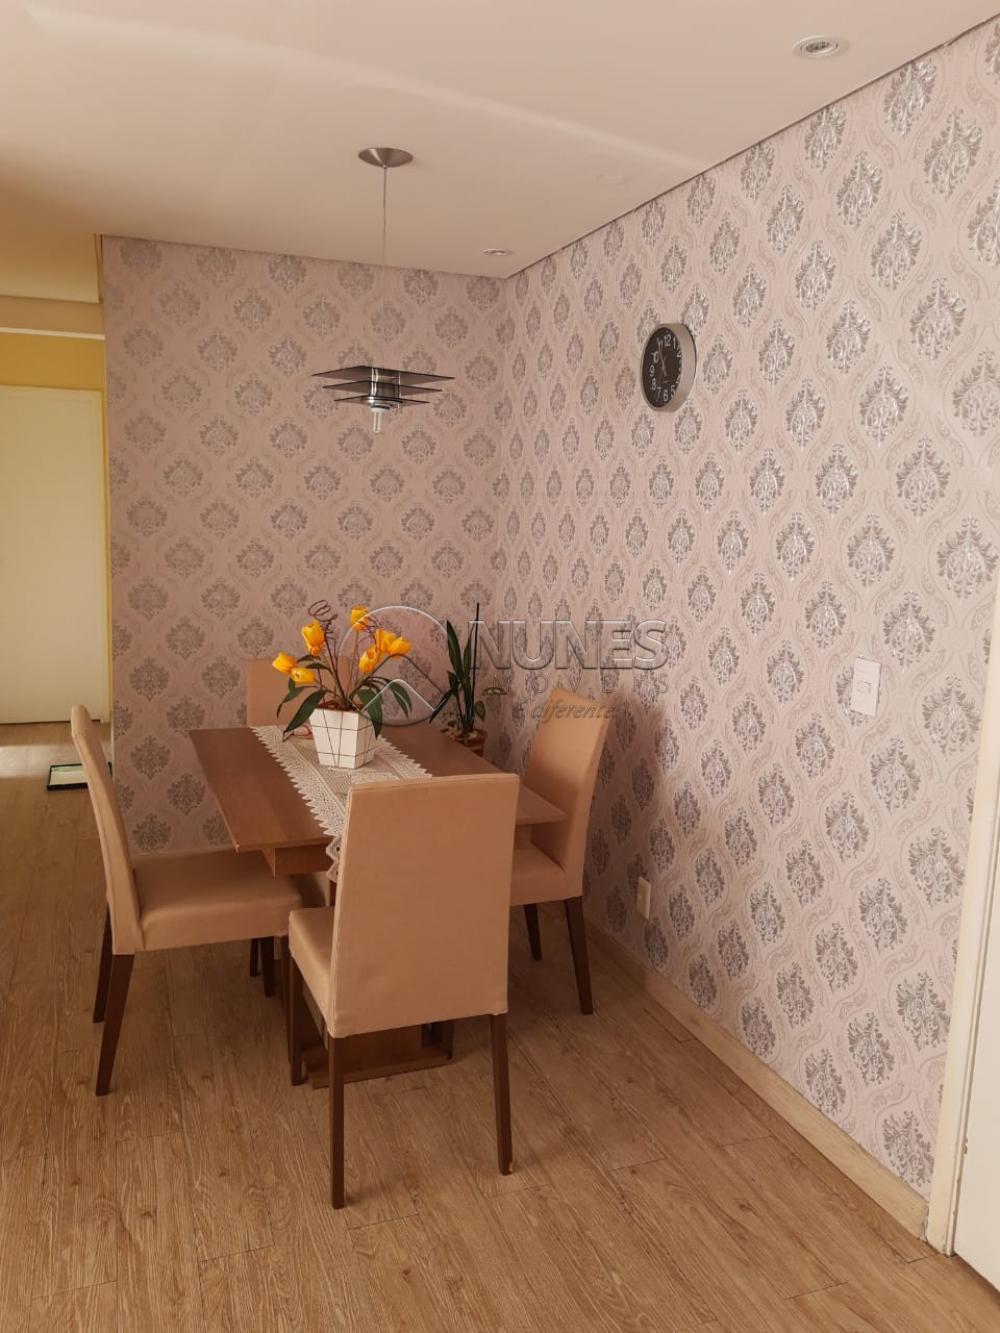 Comprar Apartamento / Padrão em Barueri apenas R$ 280.000,00 - Foto 3